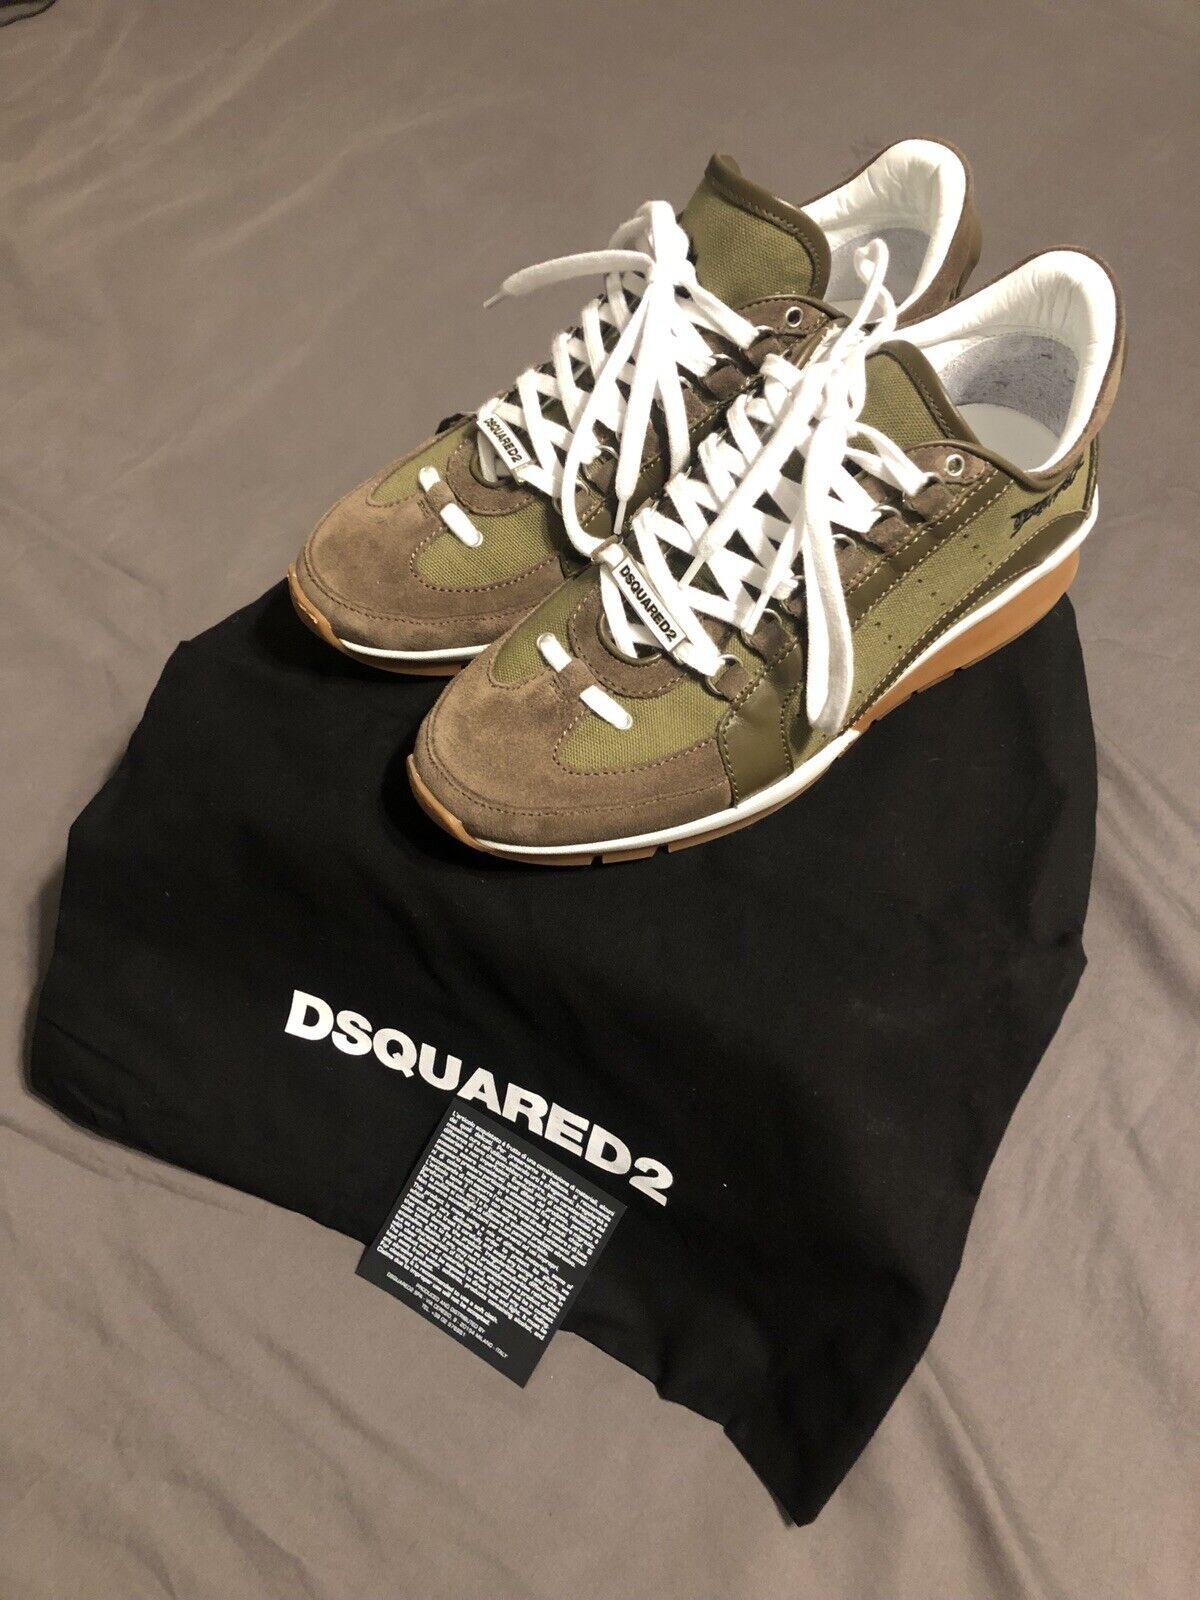 Authentic DSquarosso2 551 scarpe da ginnastica Dimensione 41 EUR Army verde And Marronee Suede NIB